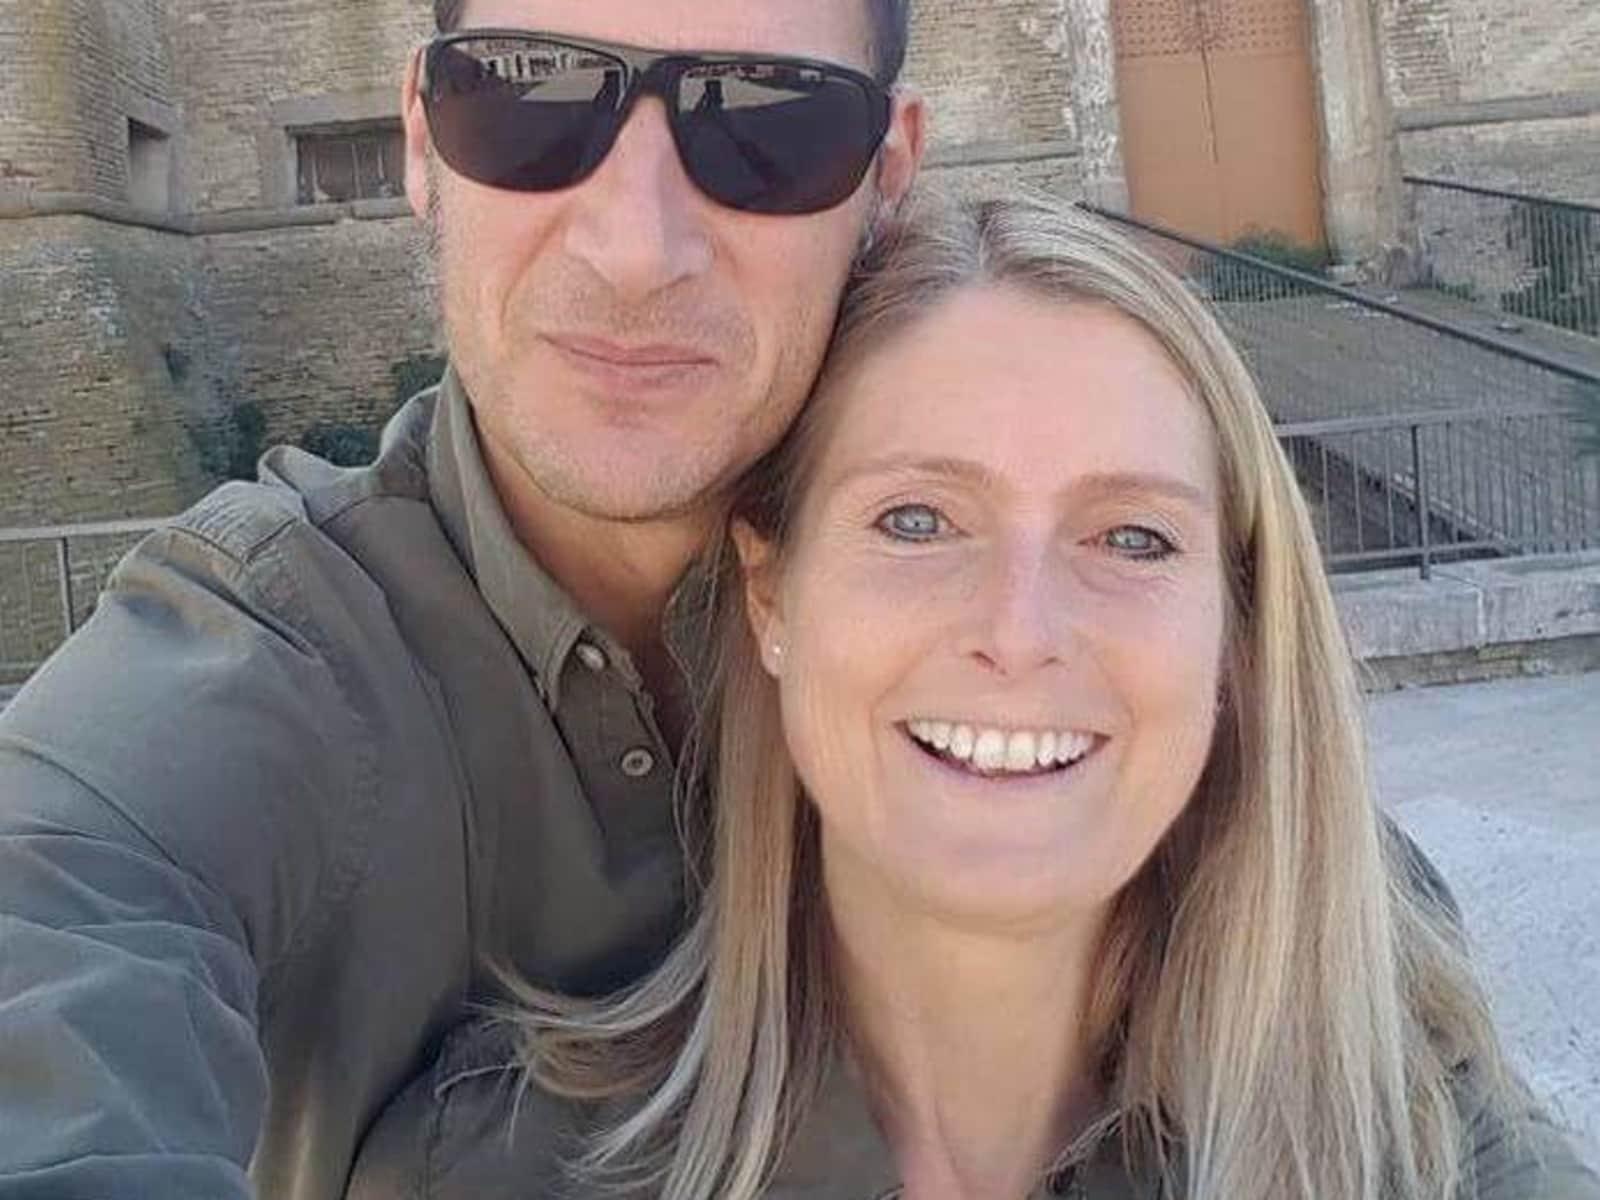 Kirstie & Ian from Pescara, Italy